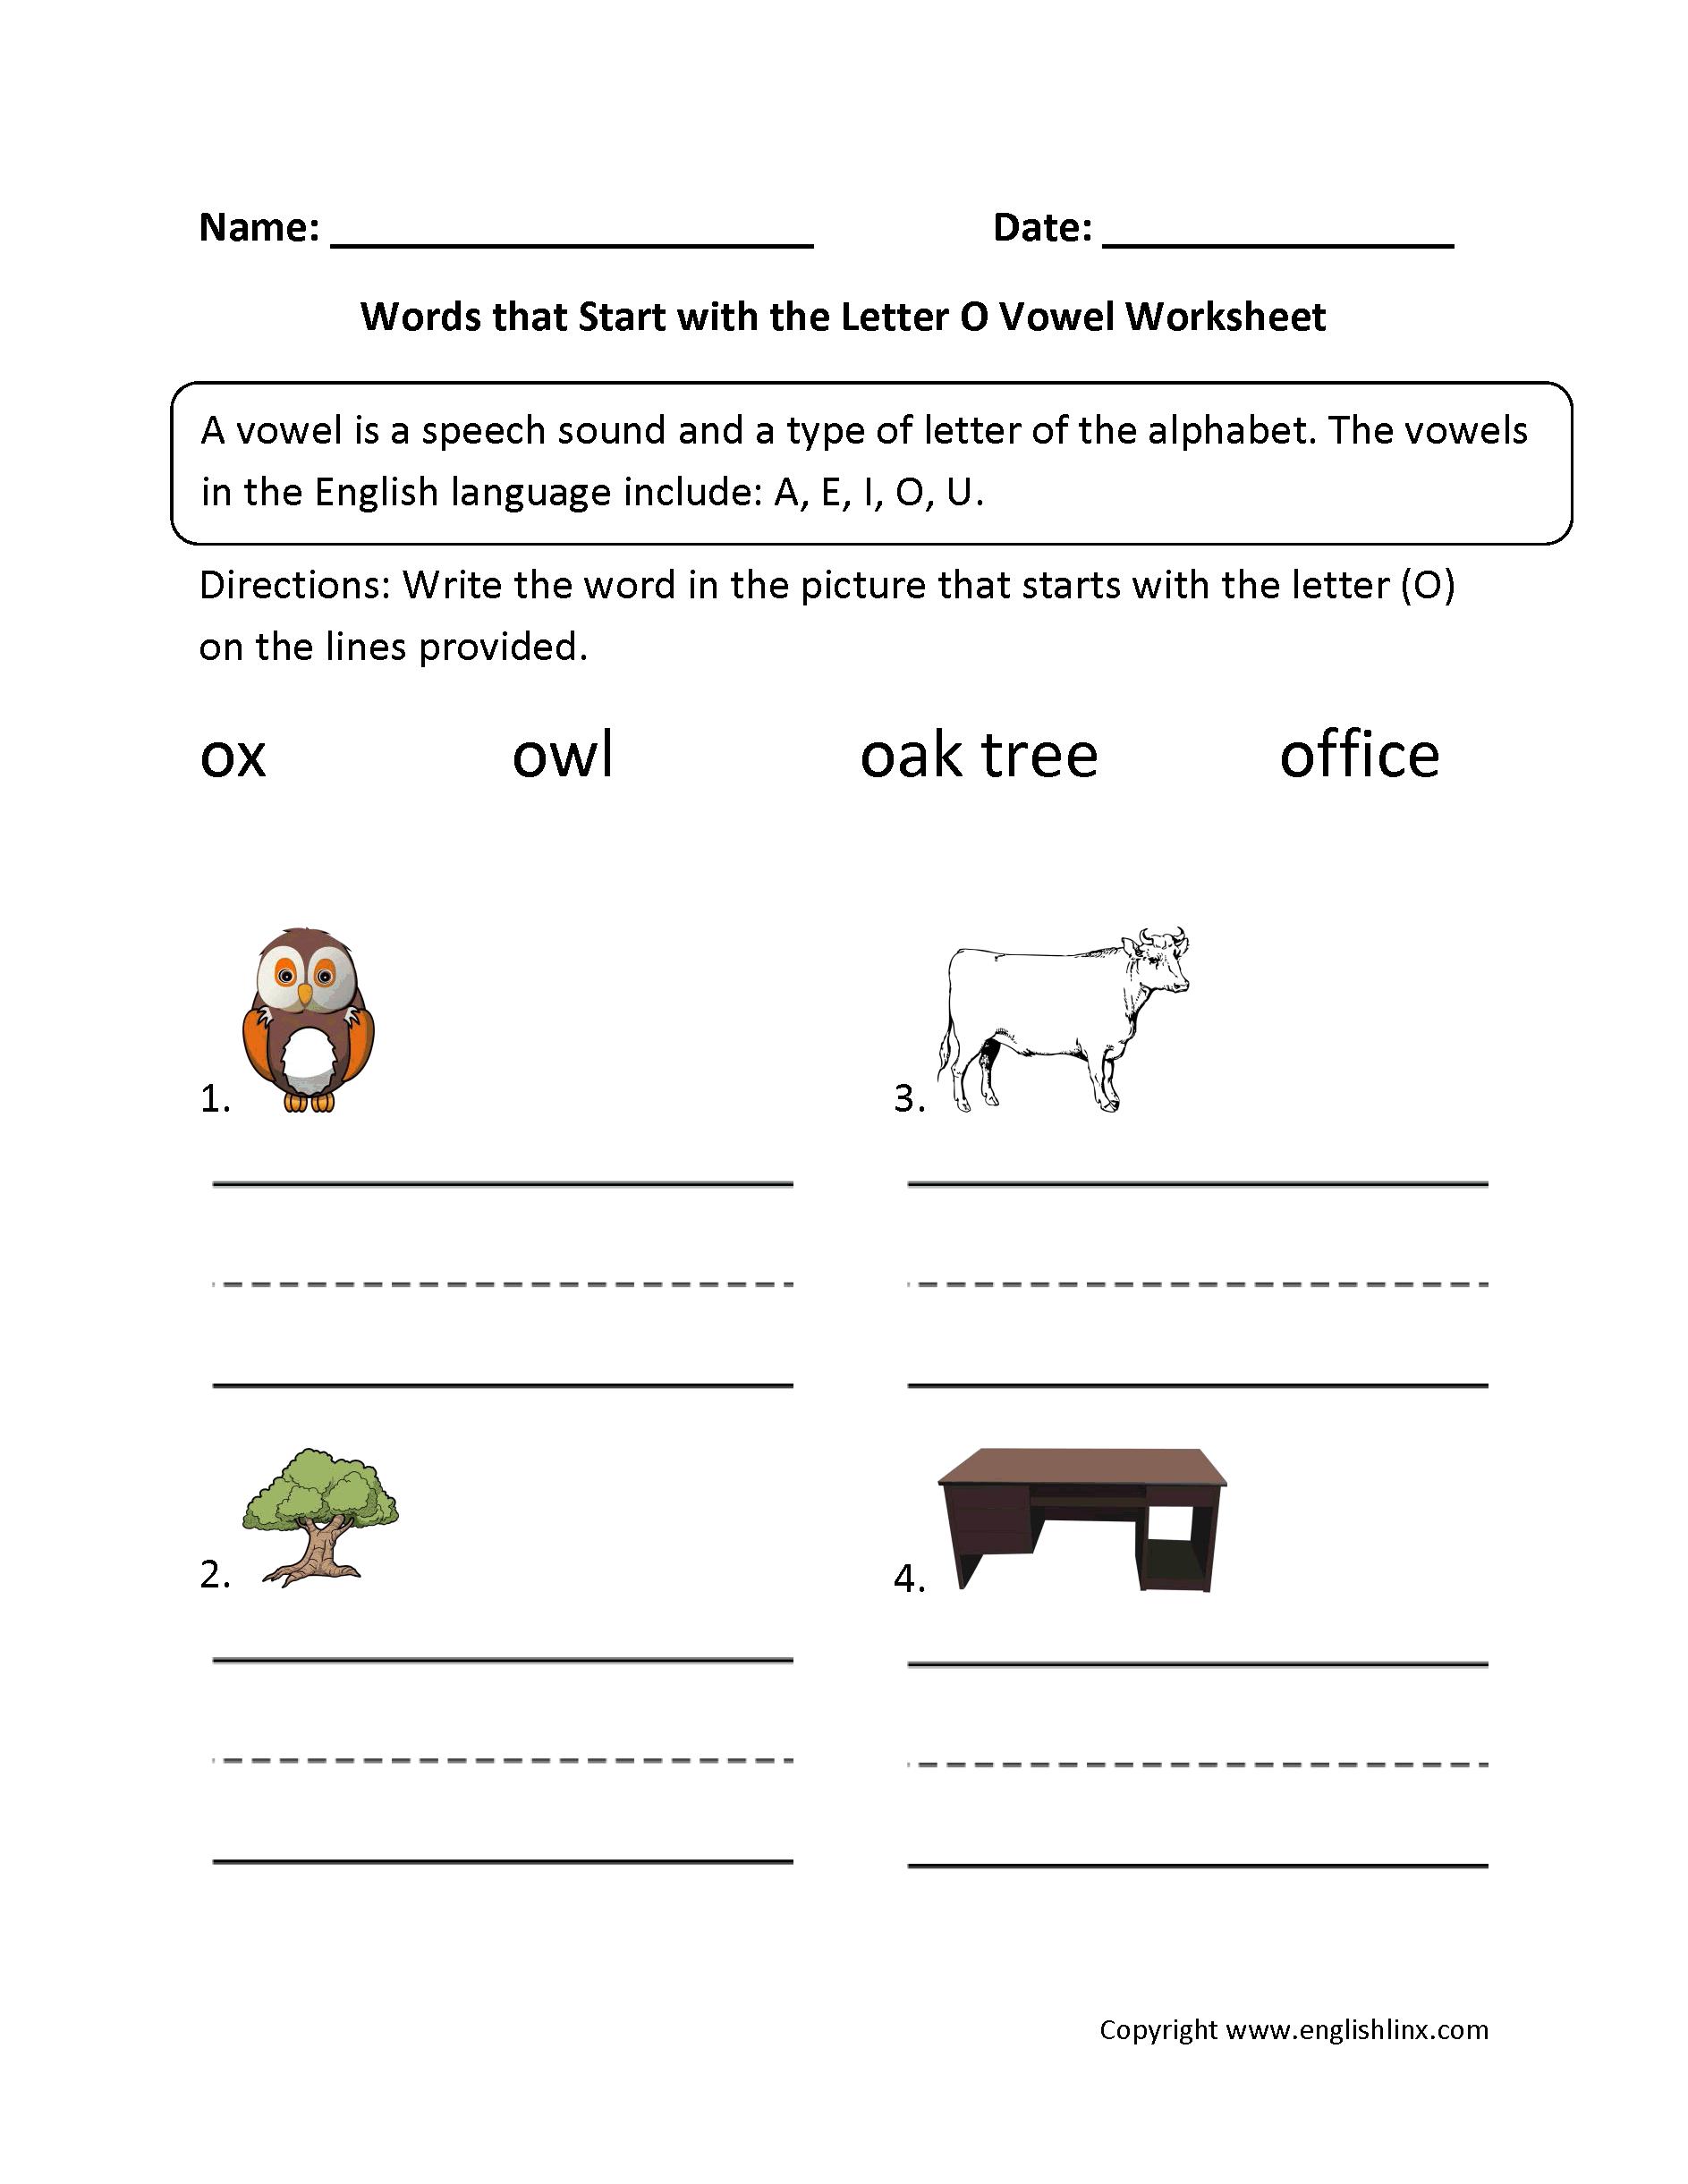 Worksheet Vowel Letters Worksheet vowel worksheets general words start letter o worksheets